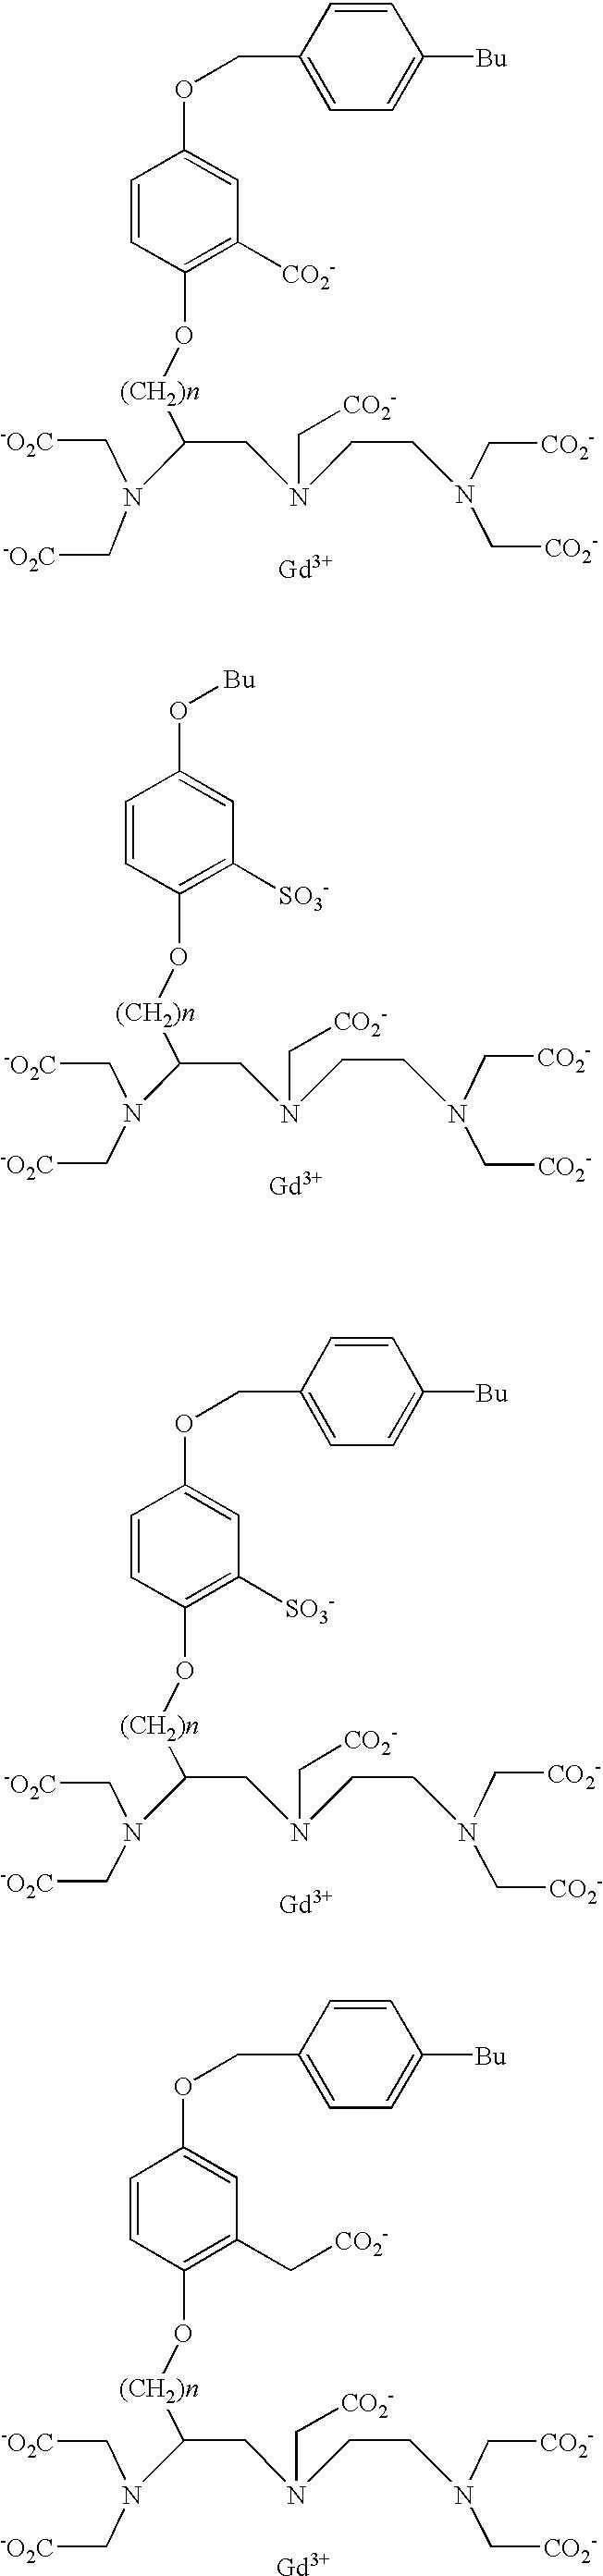 Figure US20030180223A1-20030925-C00019